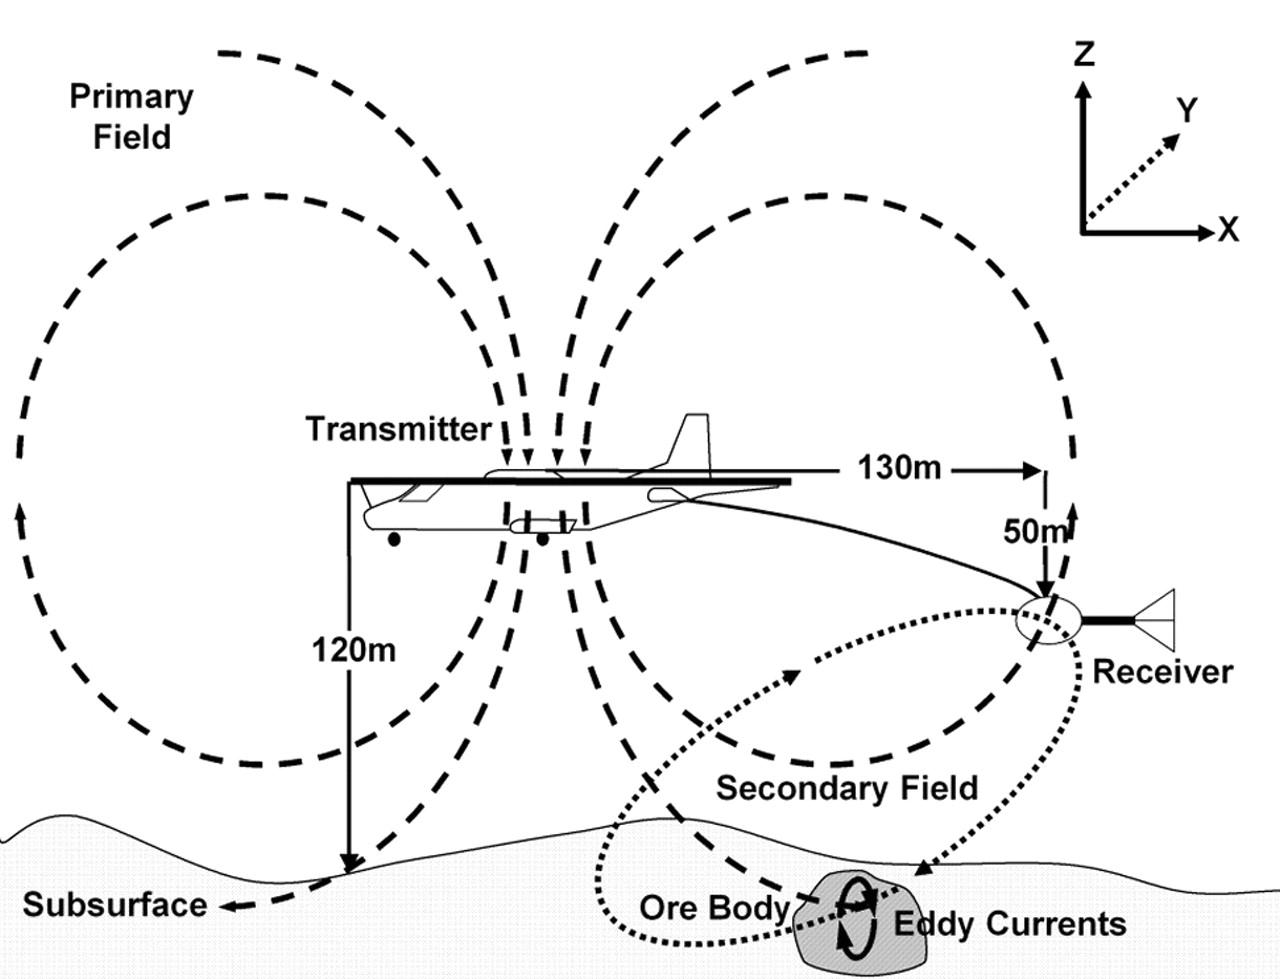 detector  ionico  direccional  hechizo  con  menos  de  500  pesitos   R1zccx